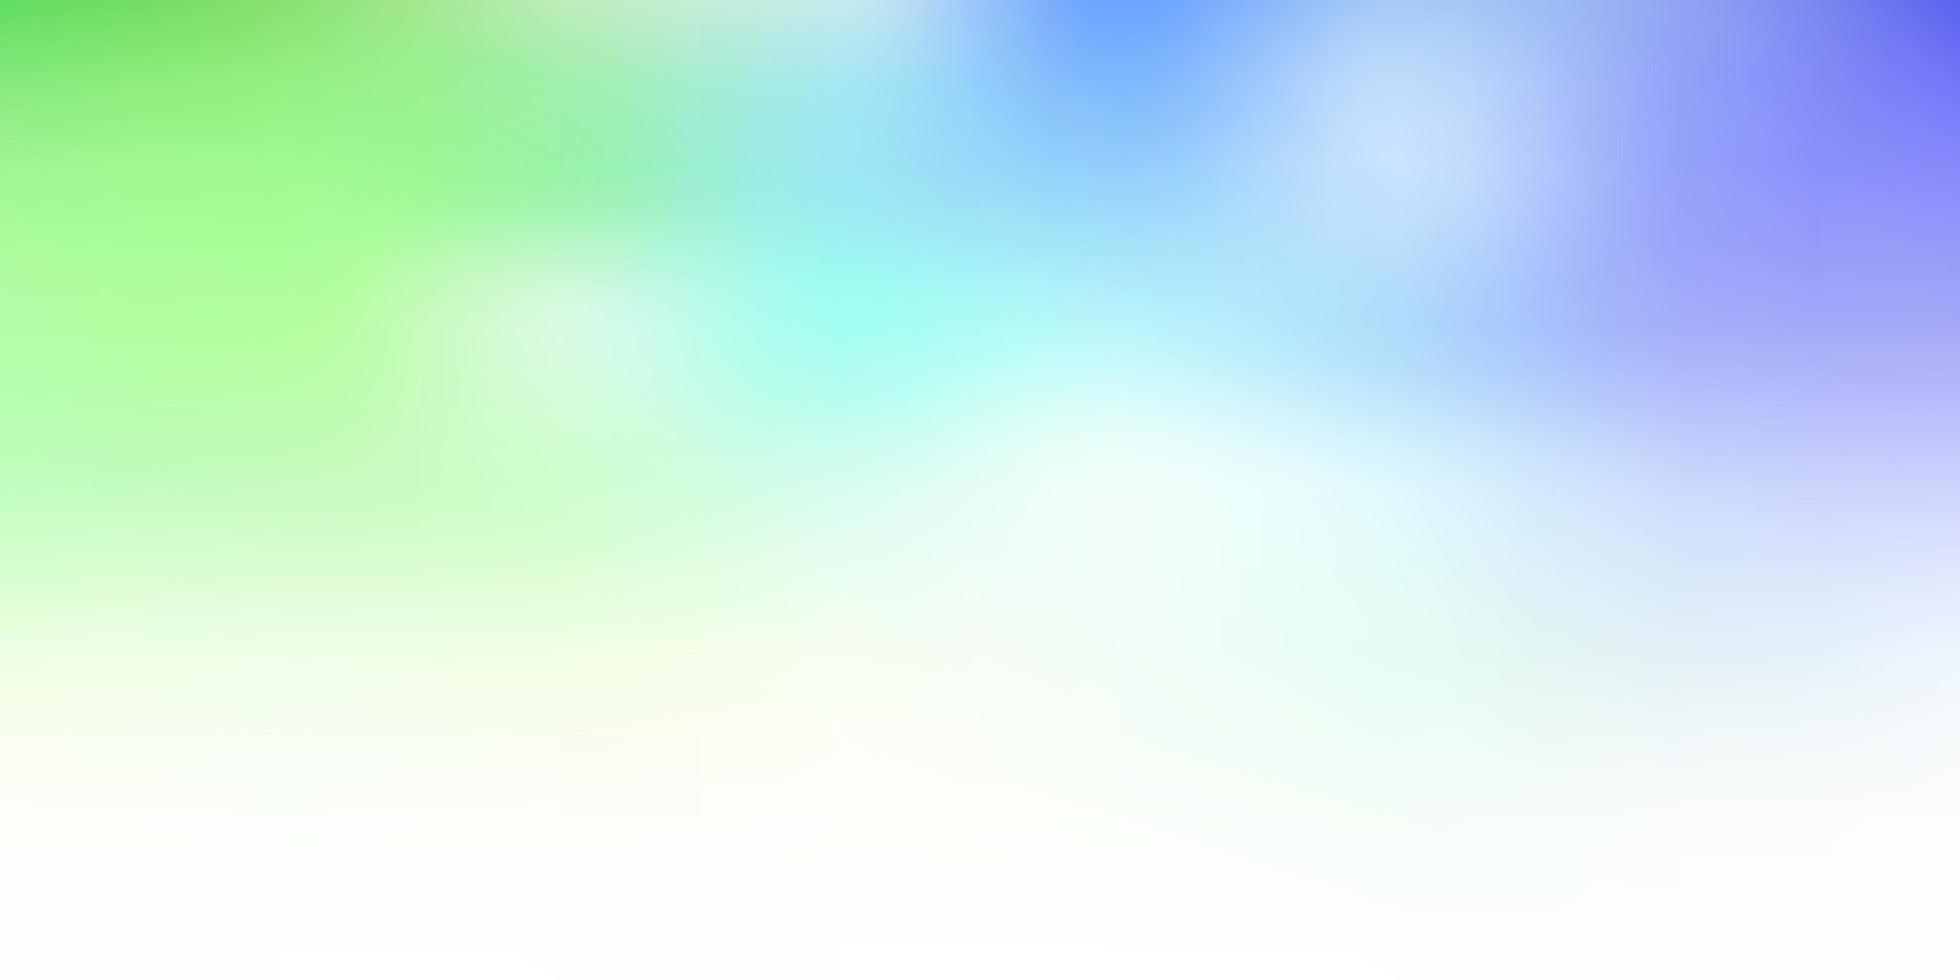 lichtblauw, groen vector abstracte vervagingstekening.